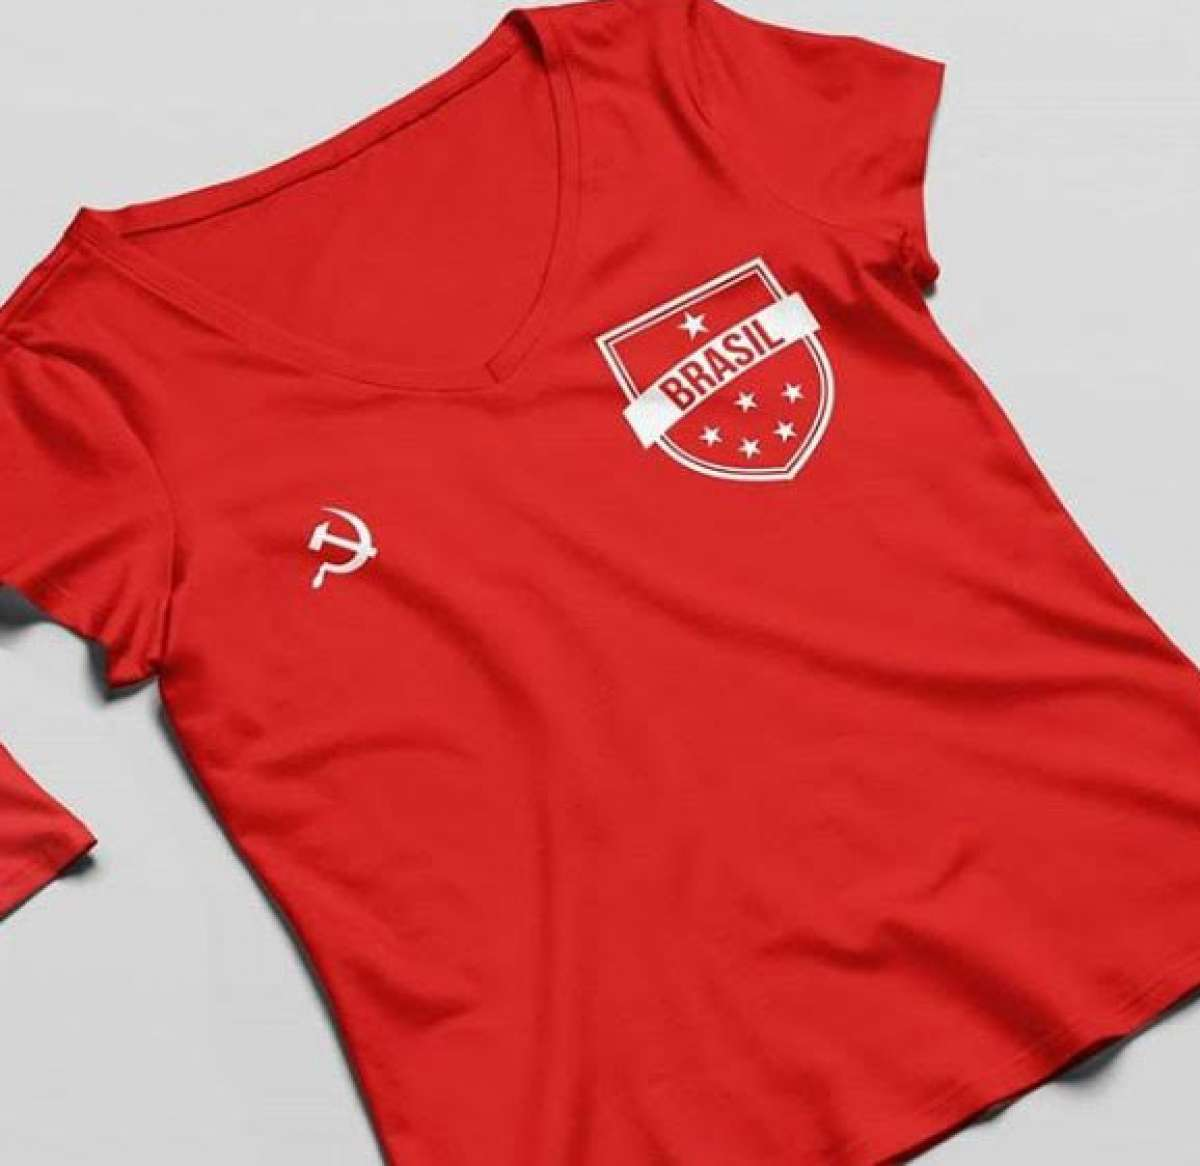 725c45c3b2 Torcedores se dividem sobre uso de camisa da seleção brasileira na ...